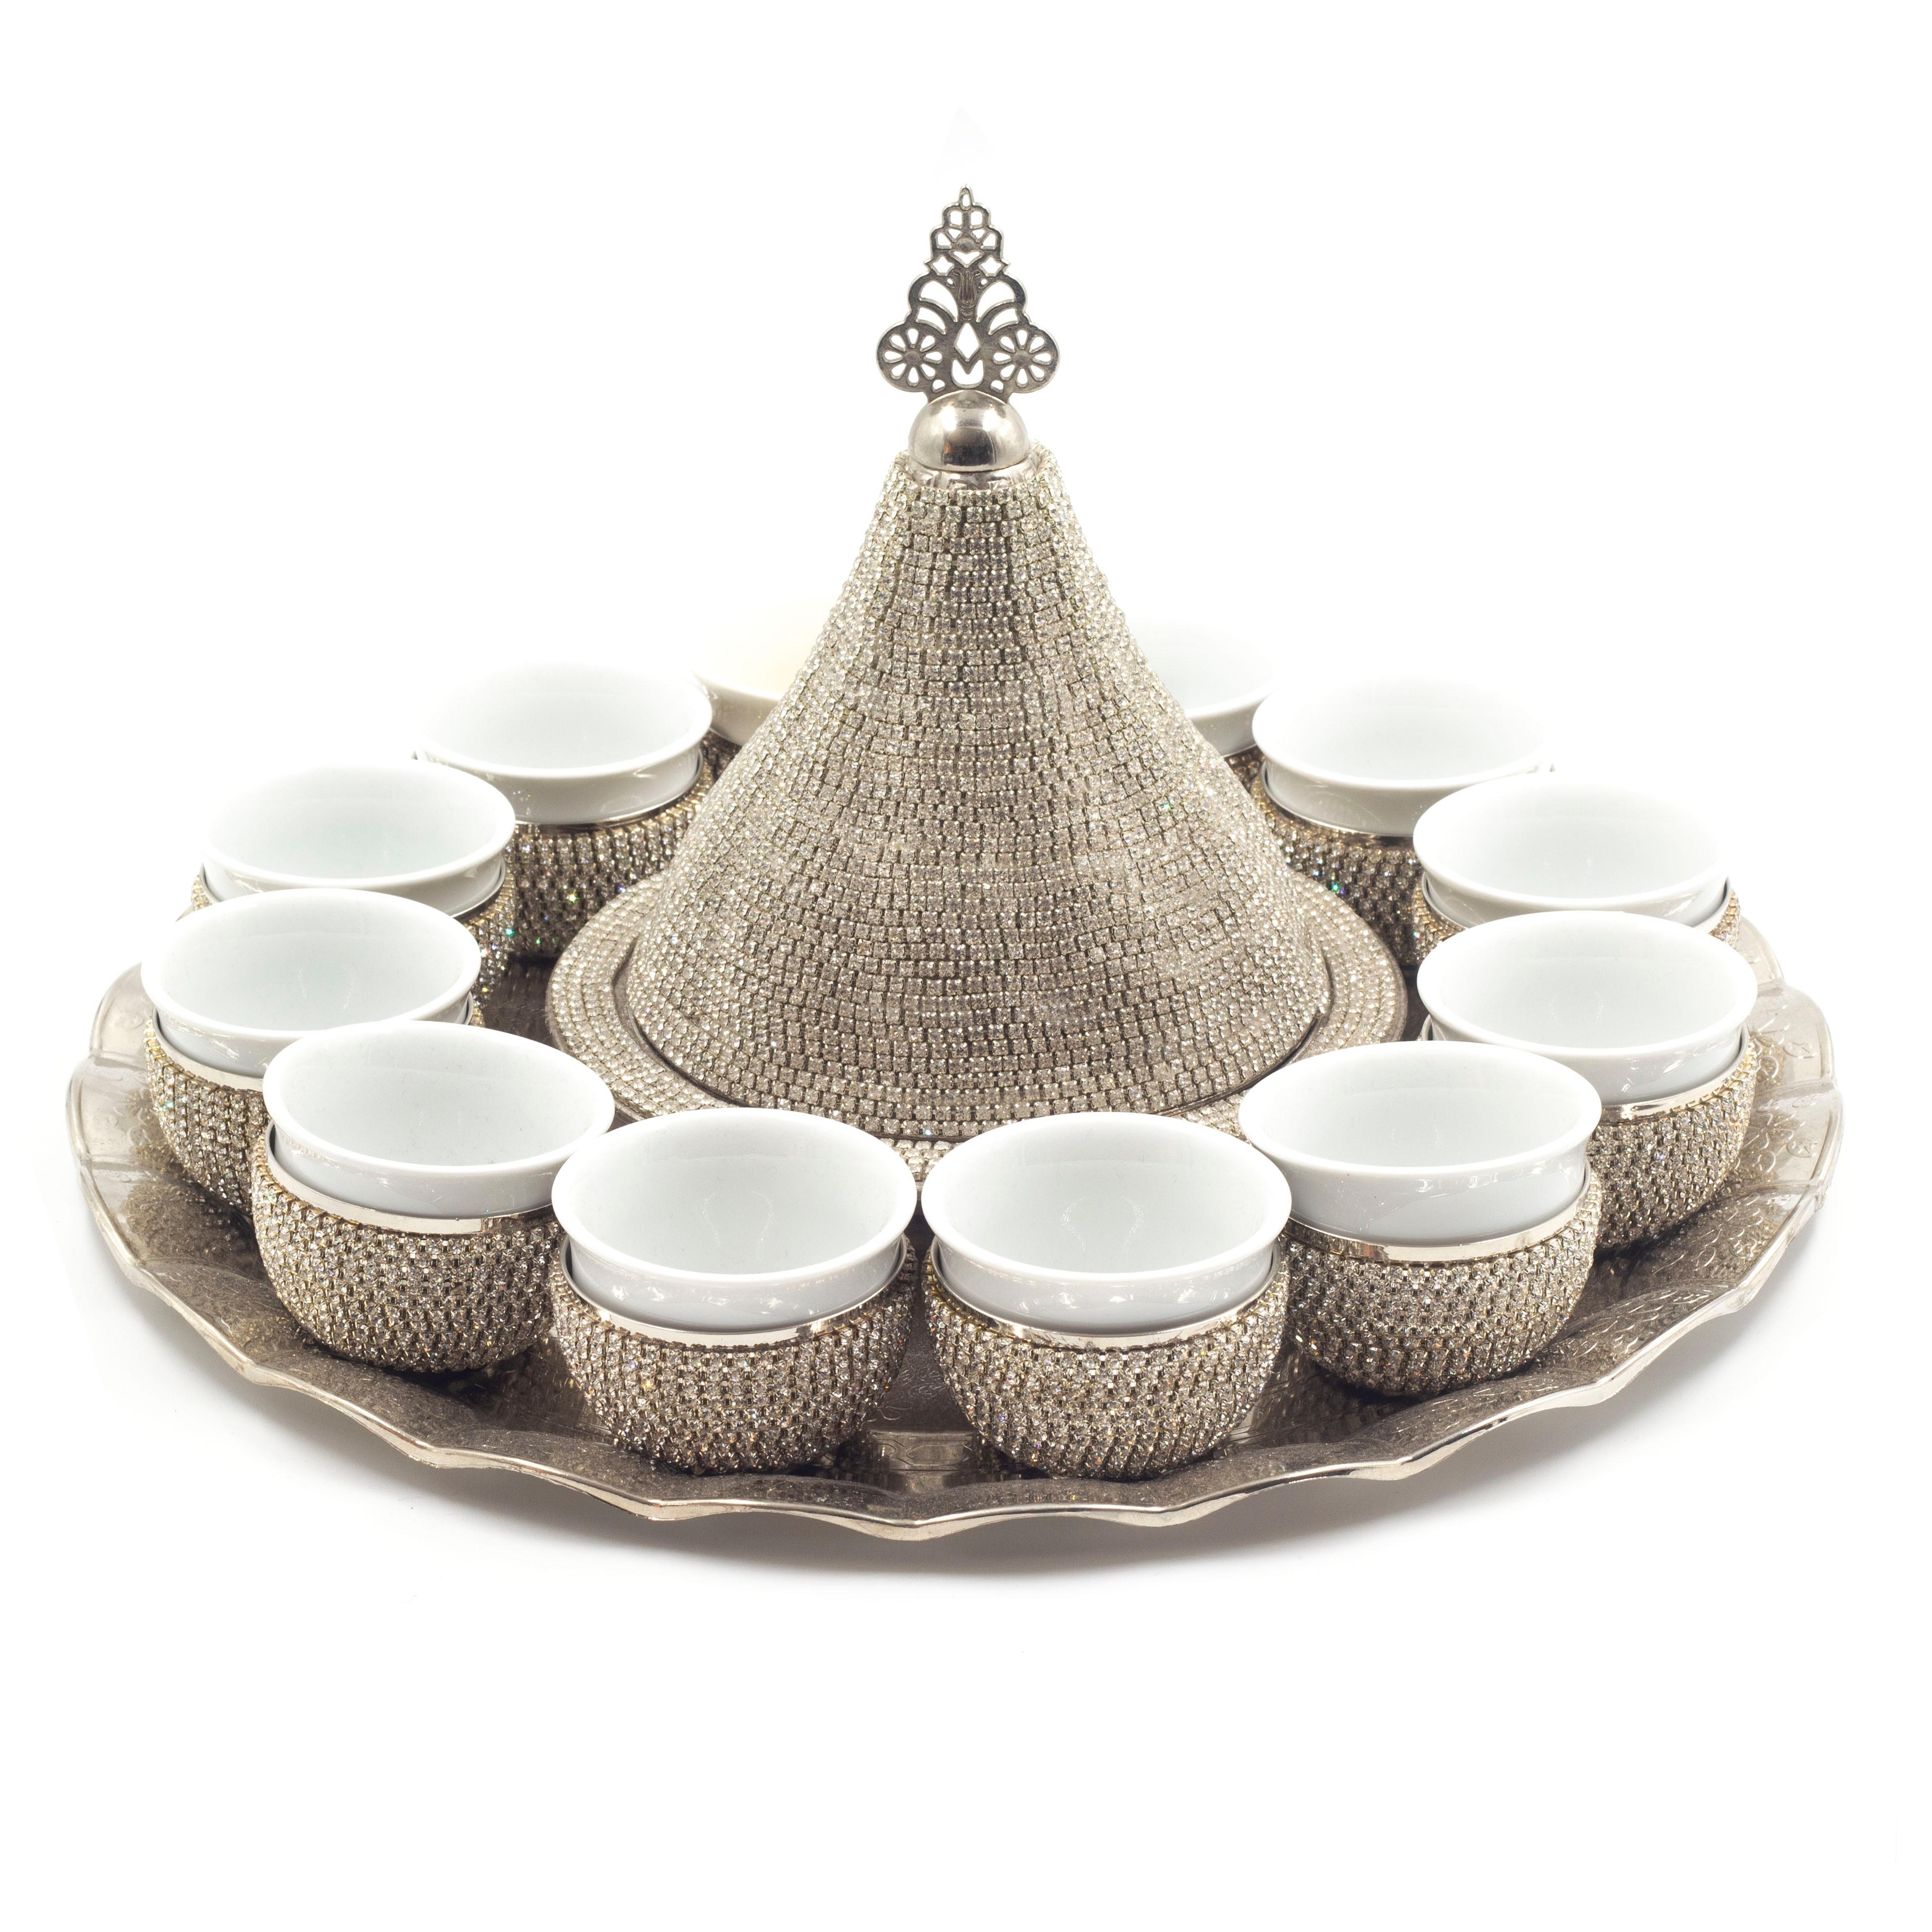 مجموعة أصيلة 6 أكواب شاي القهوة التركية مجموعة 100 النحاس خمر ميرا العربية القهوة مجموعة أكواب شاي اليدوية اسبريسو